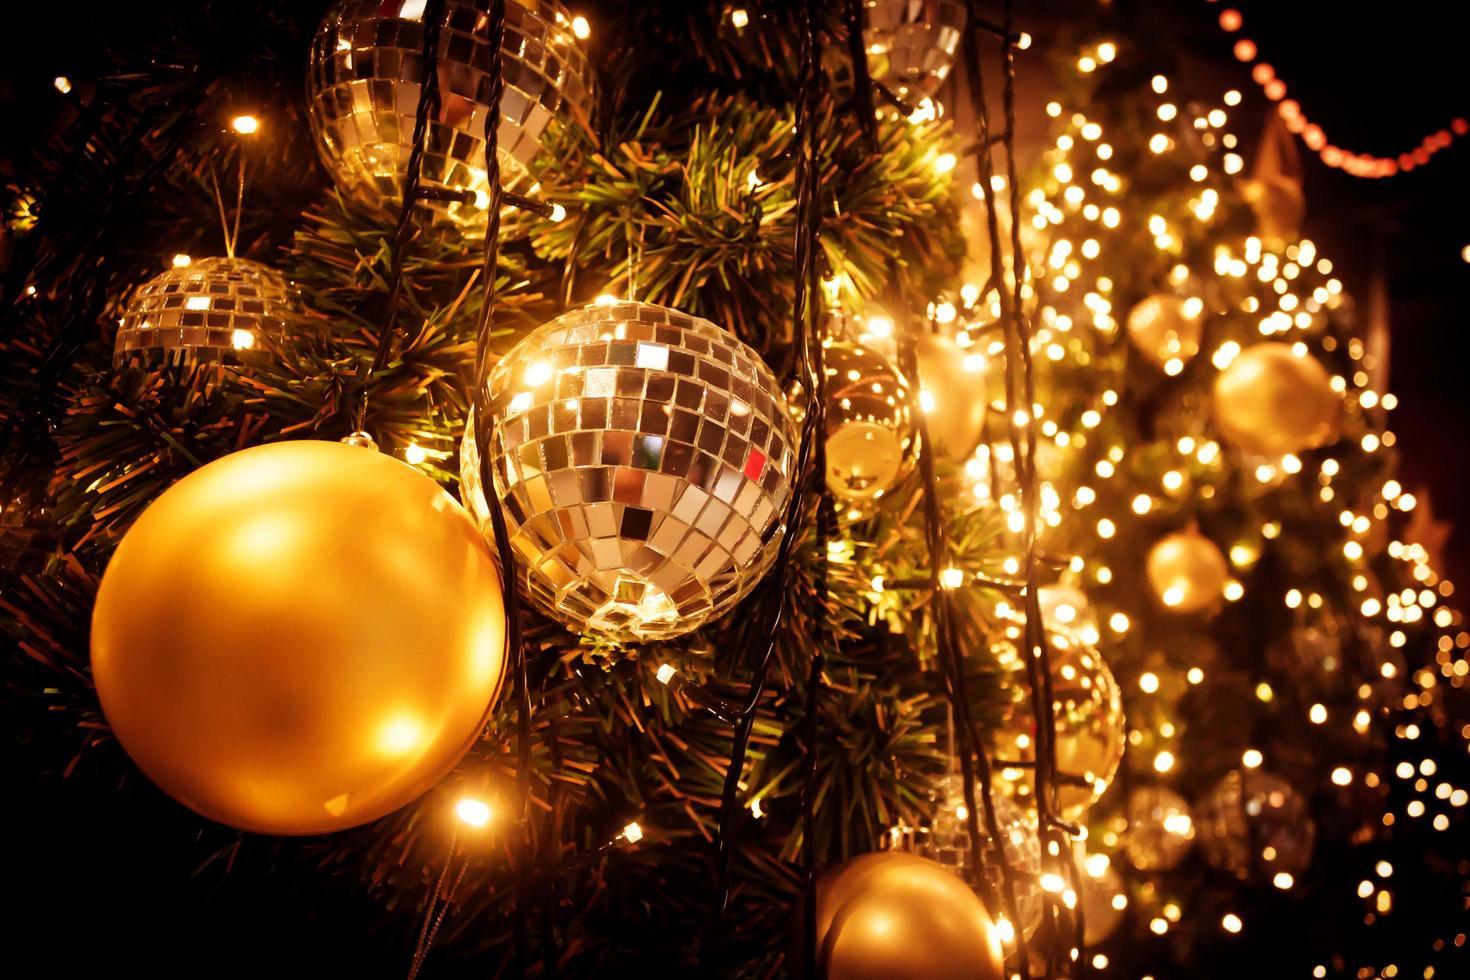 árvore de natal com bola dourada e fundo de luzes bokeh foto